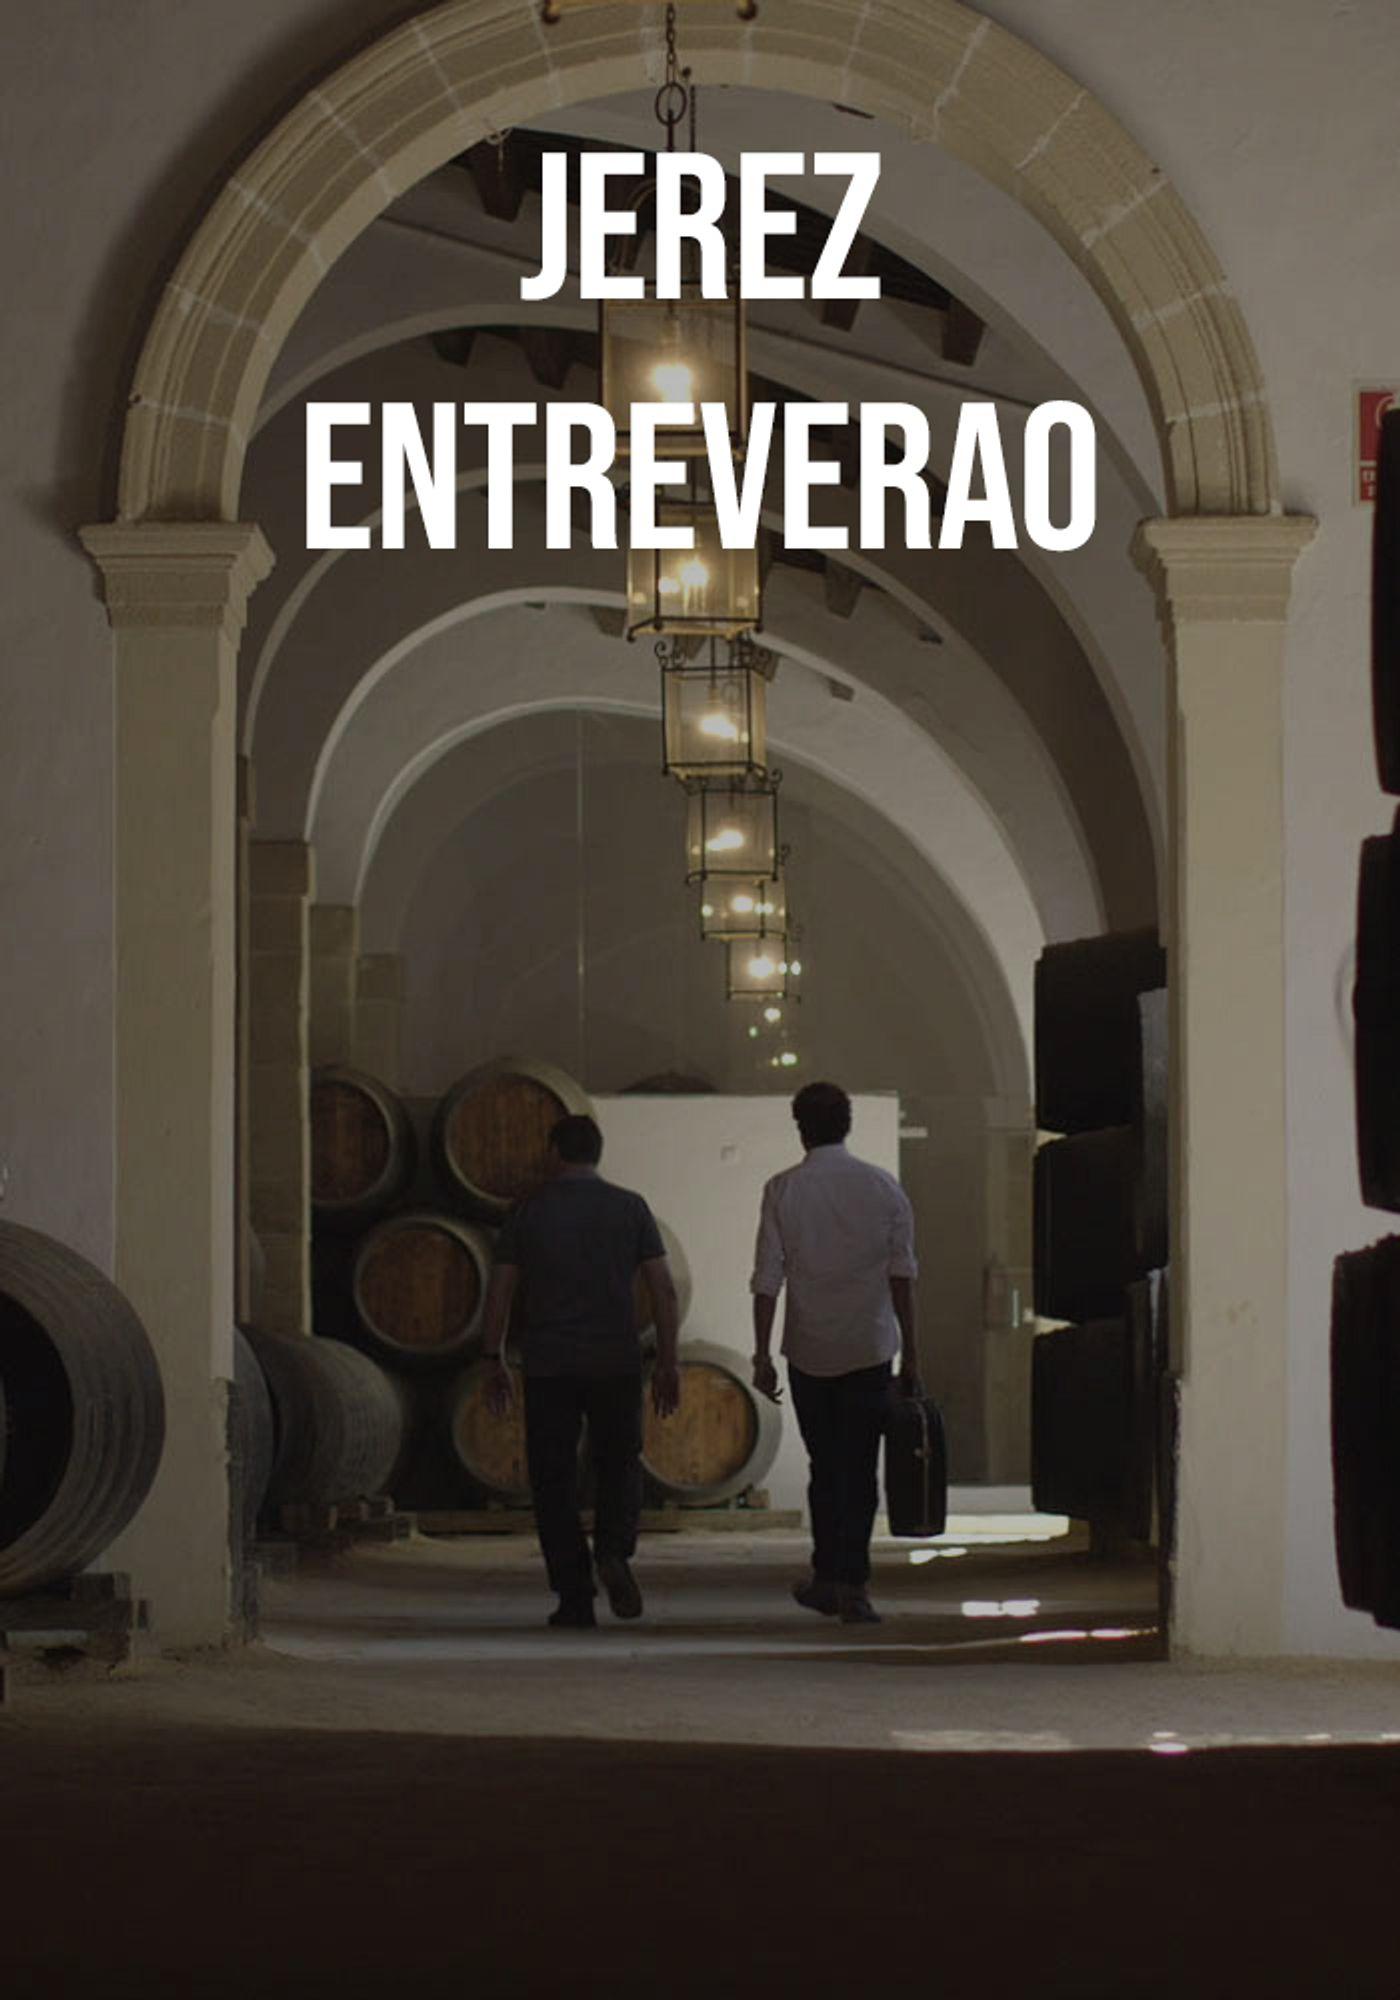 Jerez Entreverao